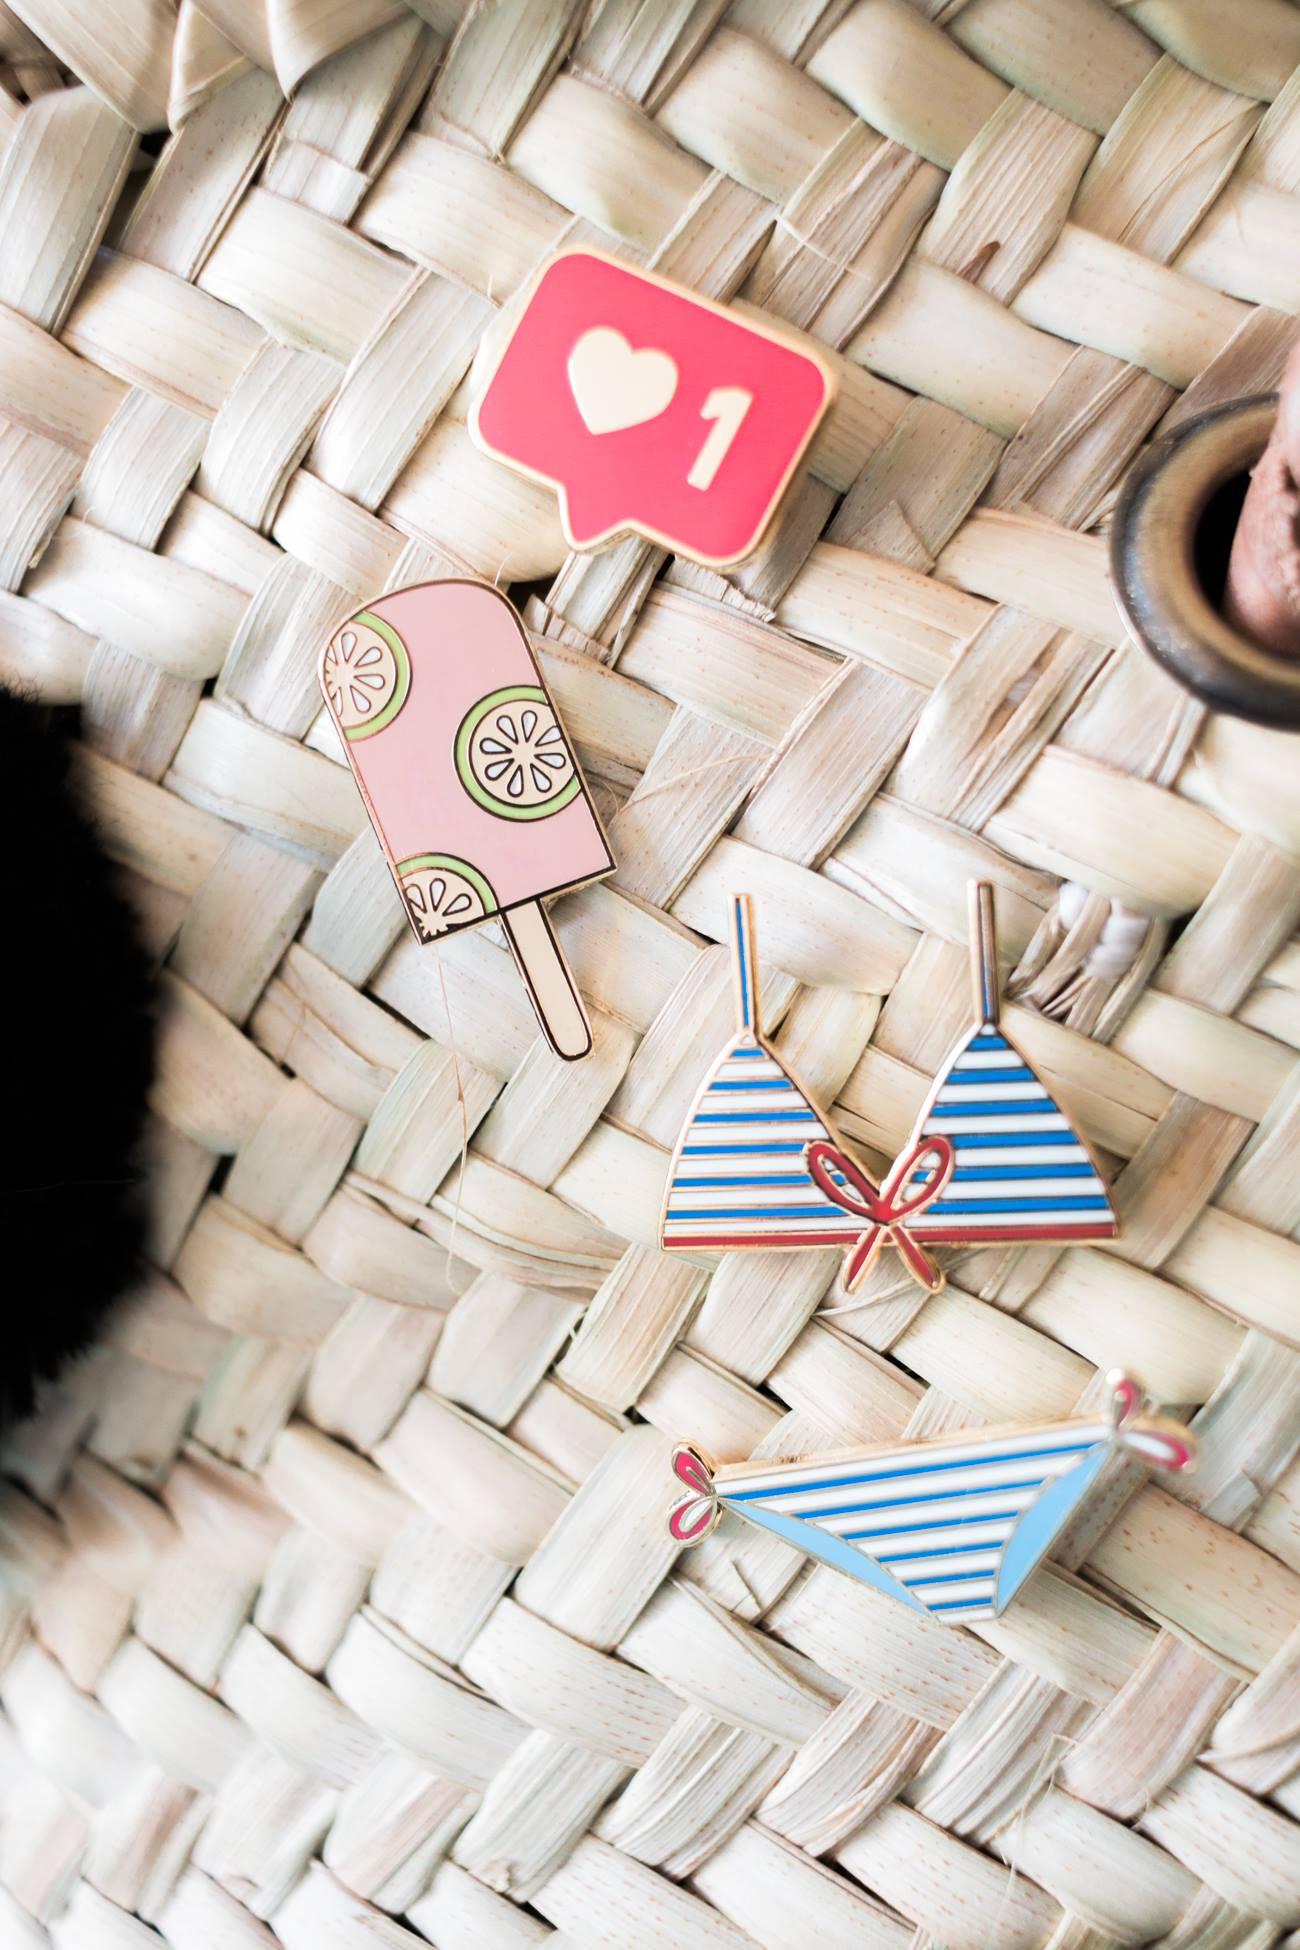 #tukiffesoupas = ma rubrique favoris et découvertes ! J'y glisse les trucs vegan / bio / green / éthiques qui me font kiffer : gourmandise, mode, beauté, bijoux, événements … No limit baby ! // Atelier Mouette